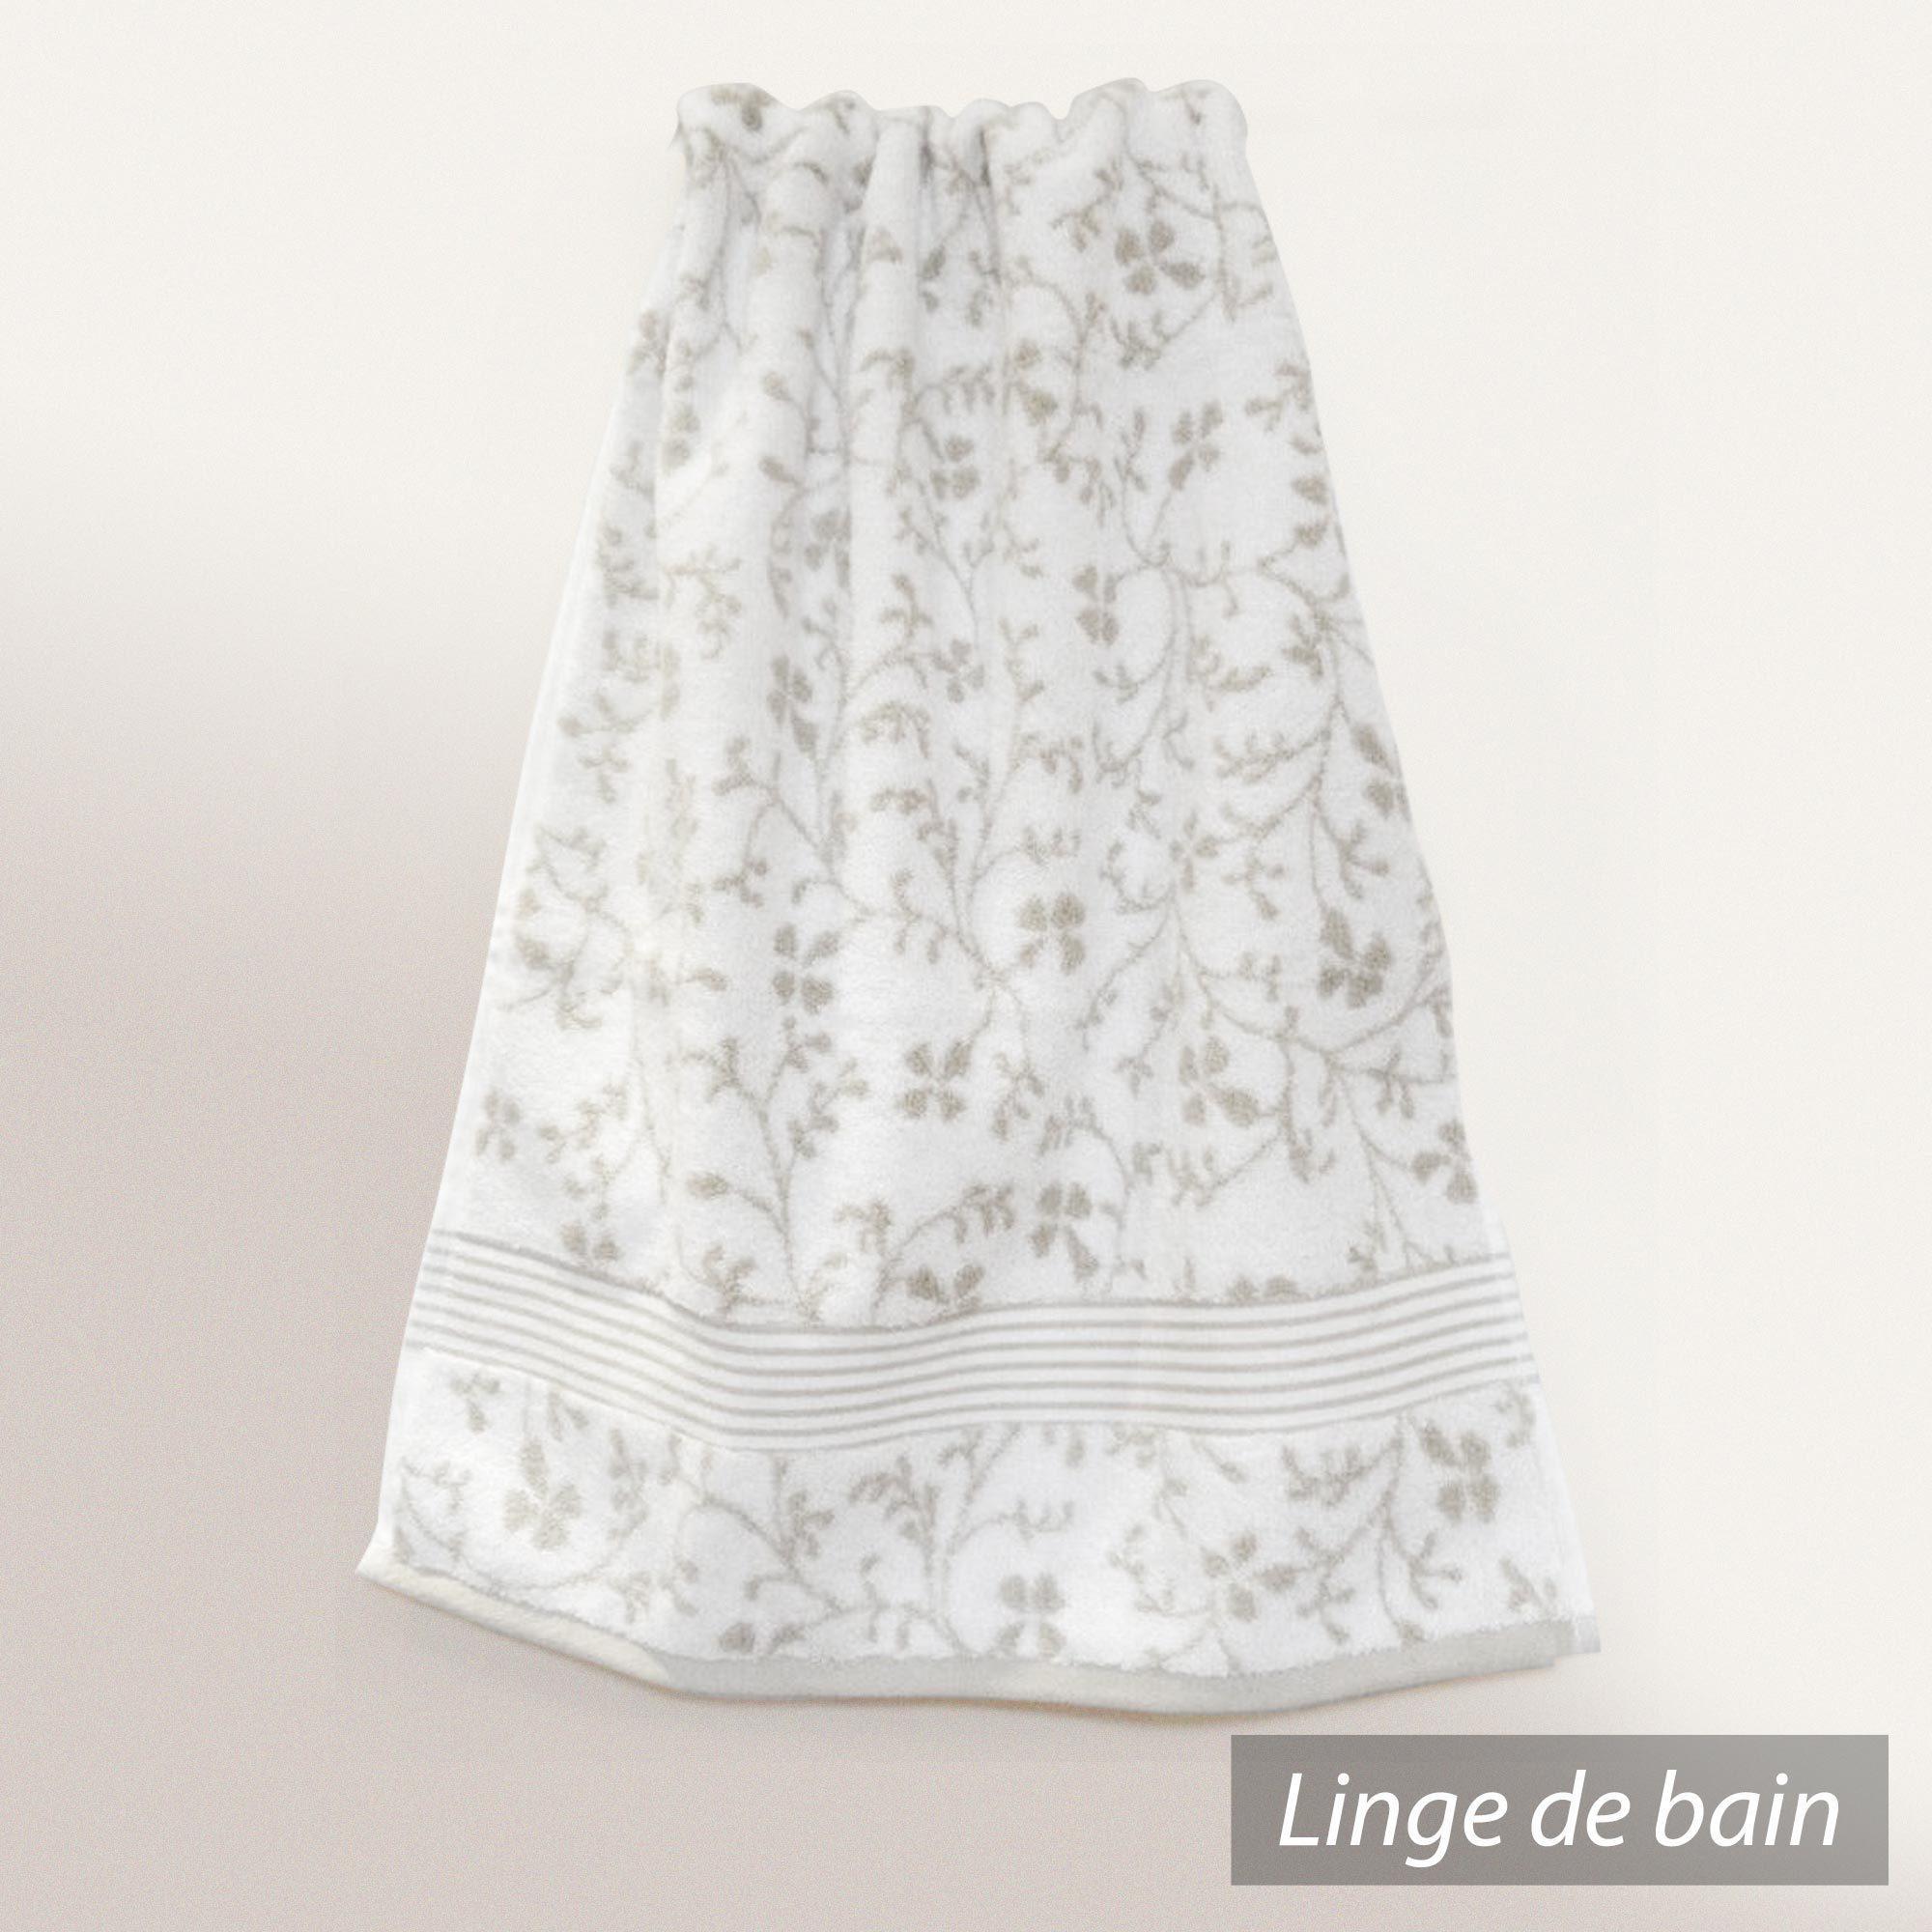 serviette de toilette 50x100cm uni coton vintage floral vert gris linnea vente de linge de maison. Black Bedroom Furniture Sets. Home Design Ideas